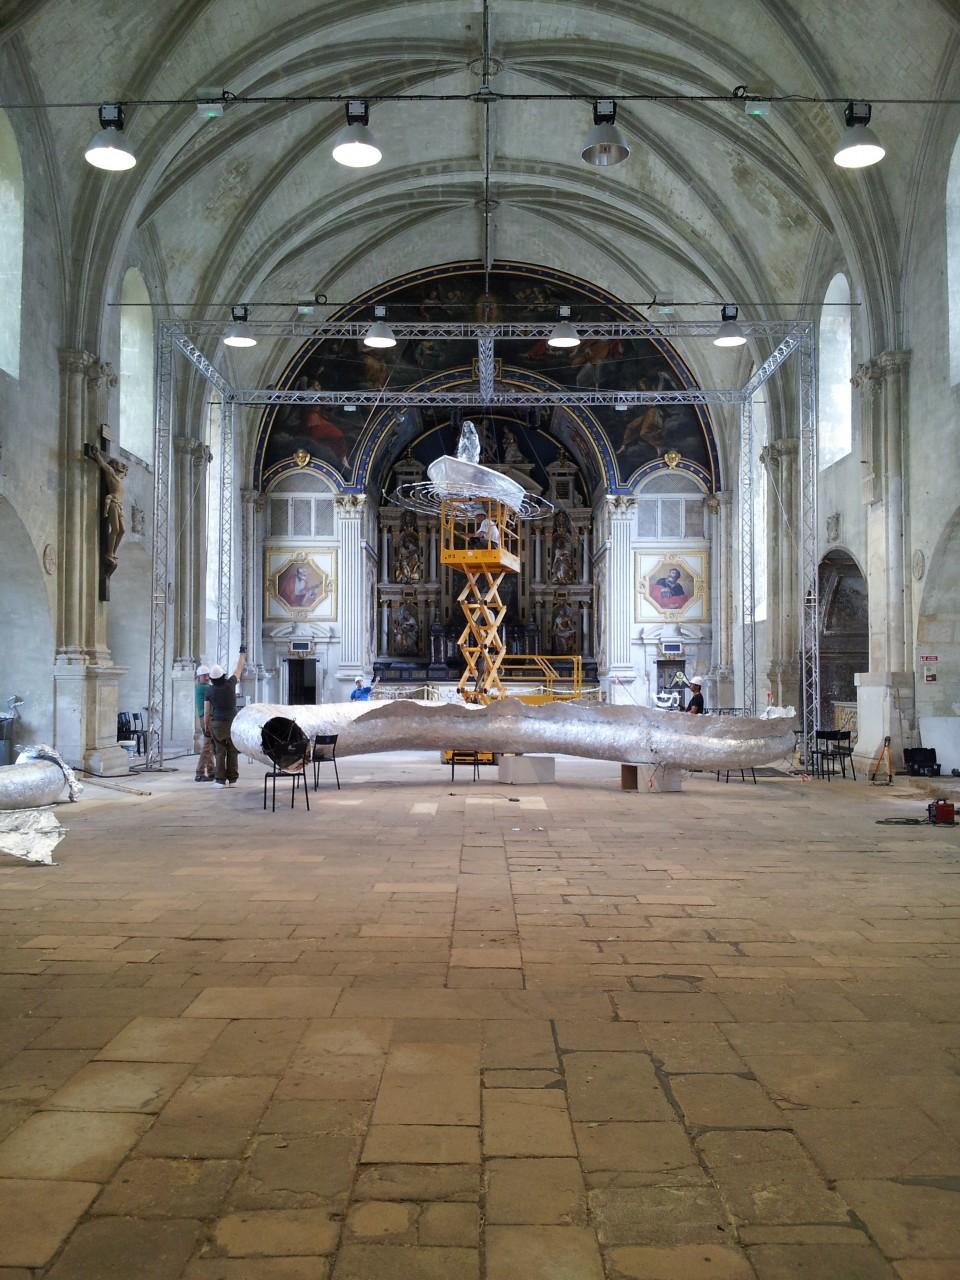 expostion-poitiers-chapelle-saint-louis-laurent-esquerre-1